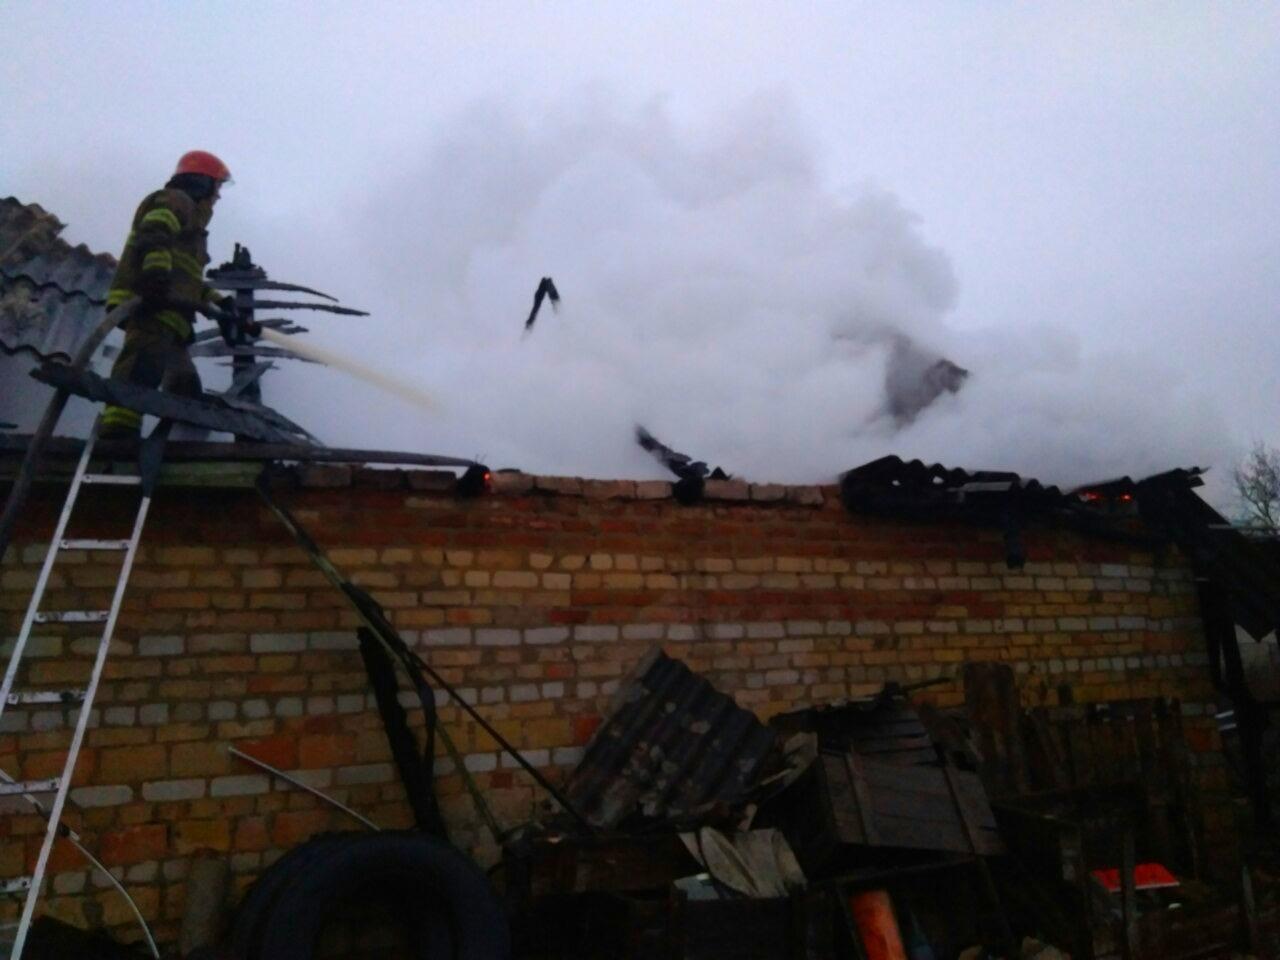 На Київщині під час пожежі власного будинку загинув чоловік - пожежа, згорів, загорання будинку, Бородянка - 01